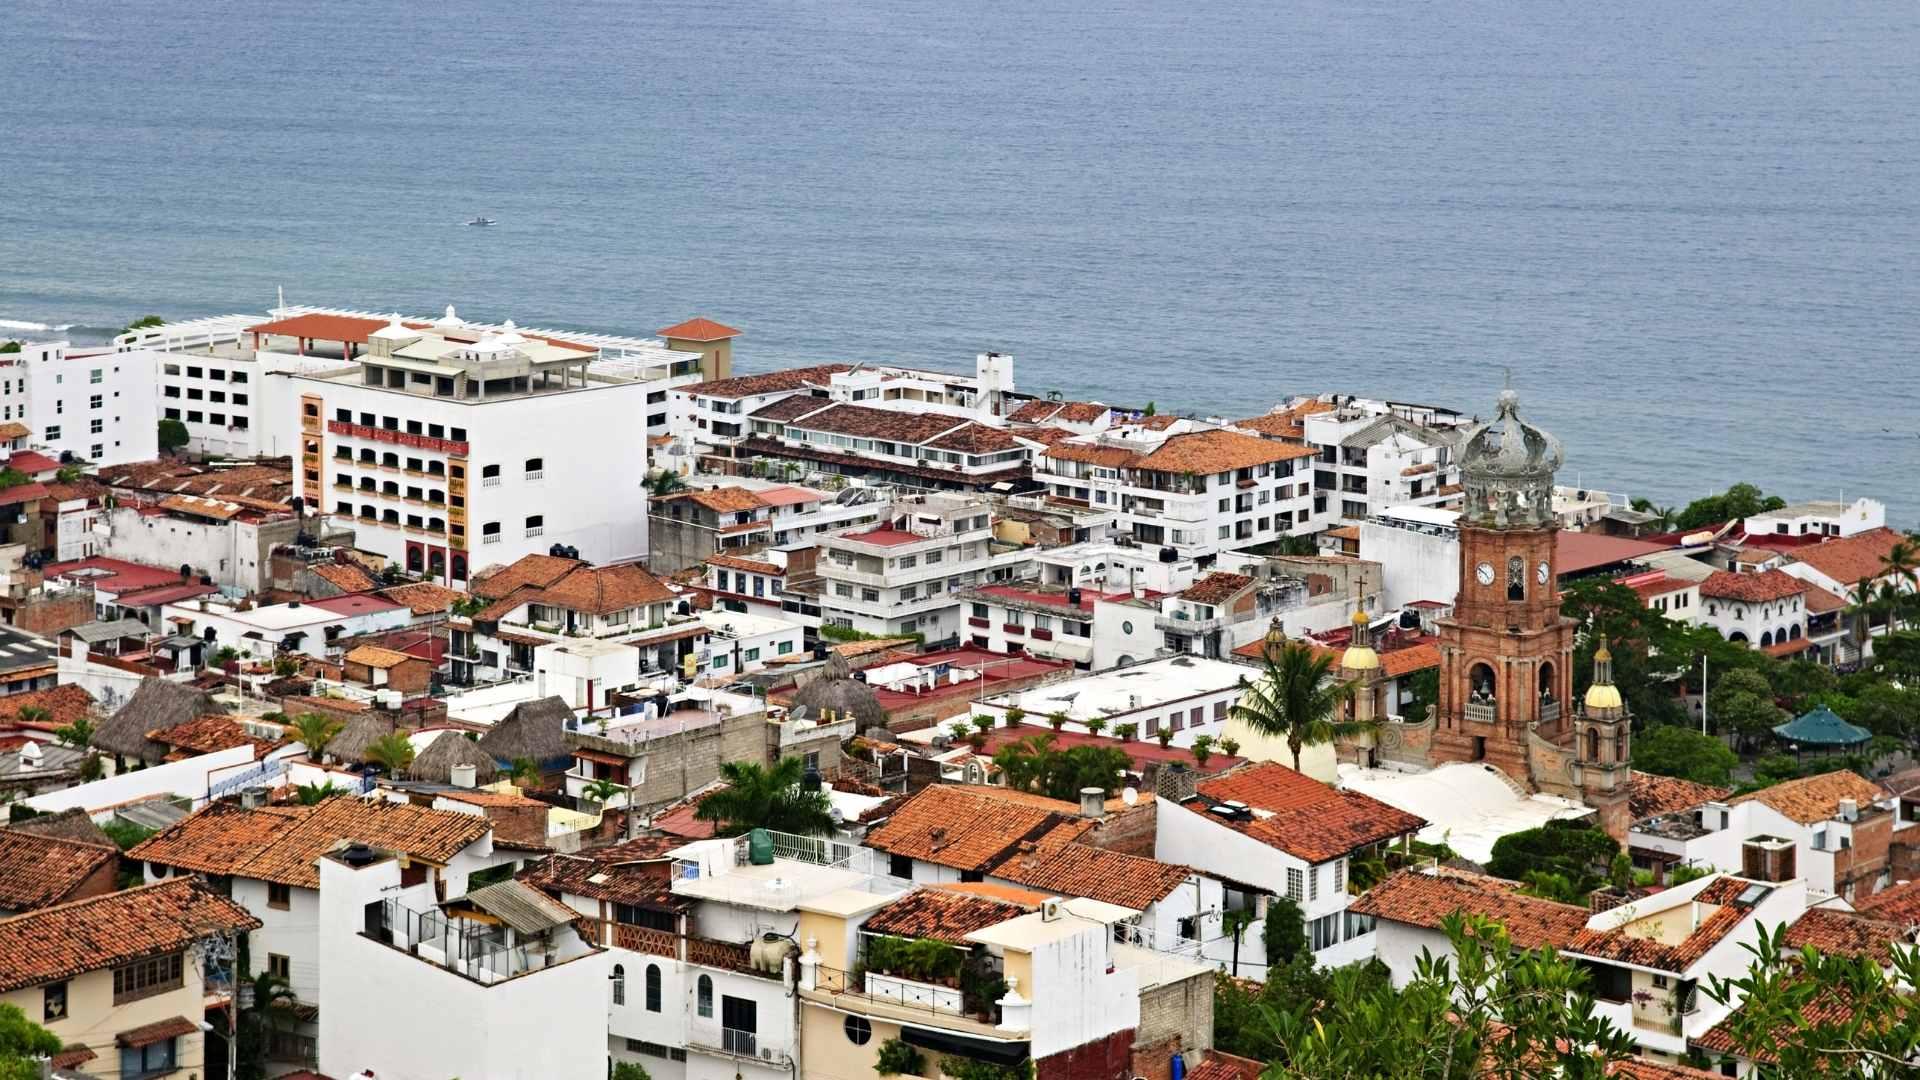 Puerto Vallarta cruise port